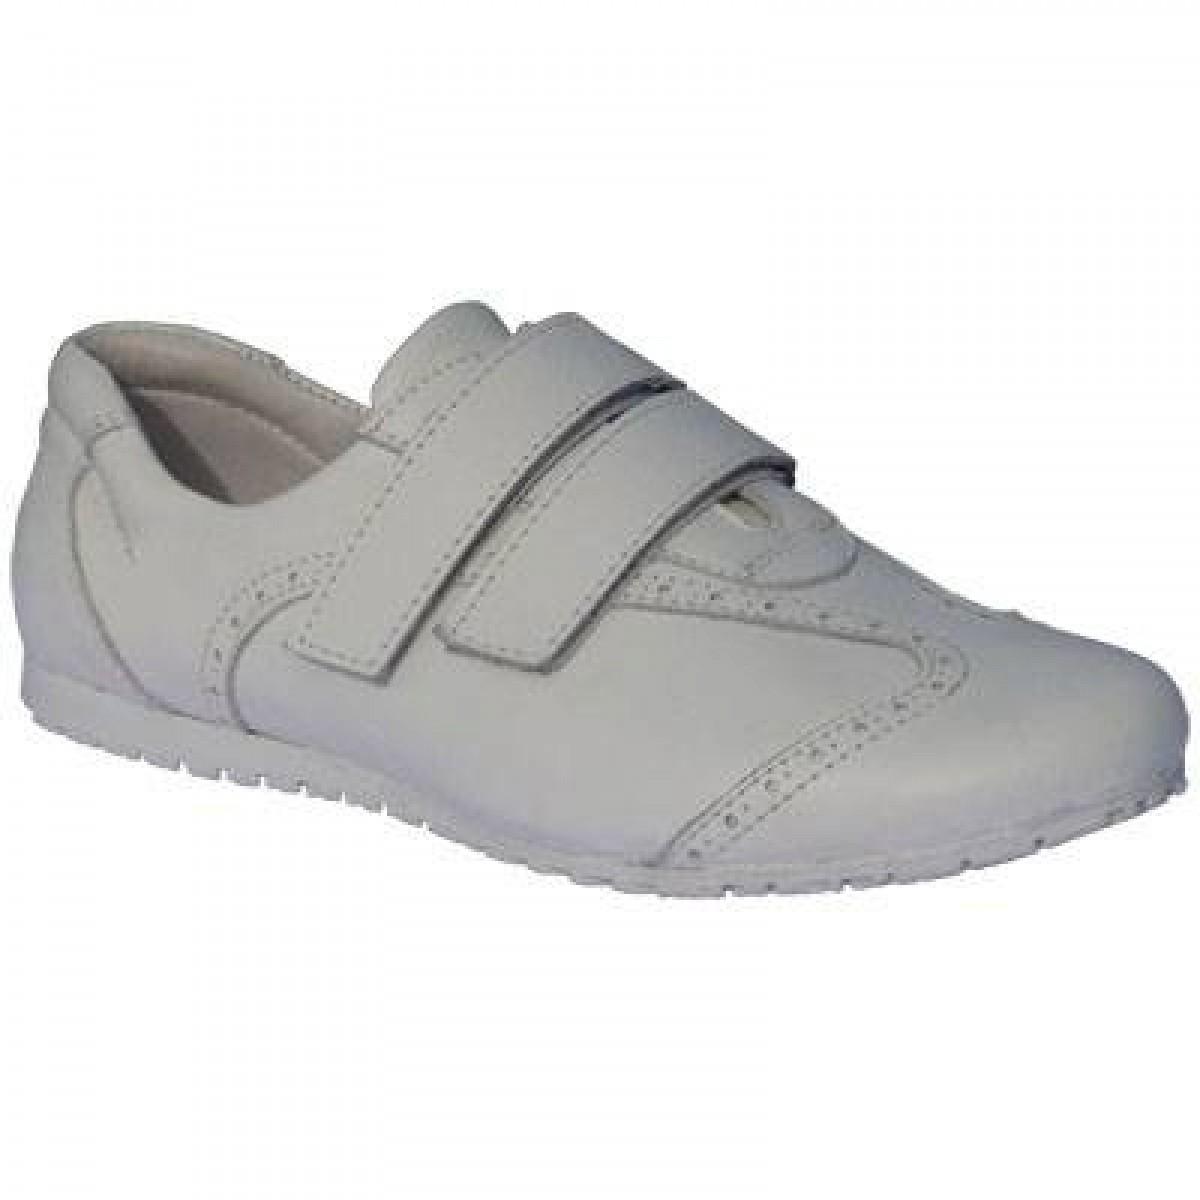 Cırtlı Beyaz Bayan Spor Ayakkabı